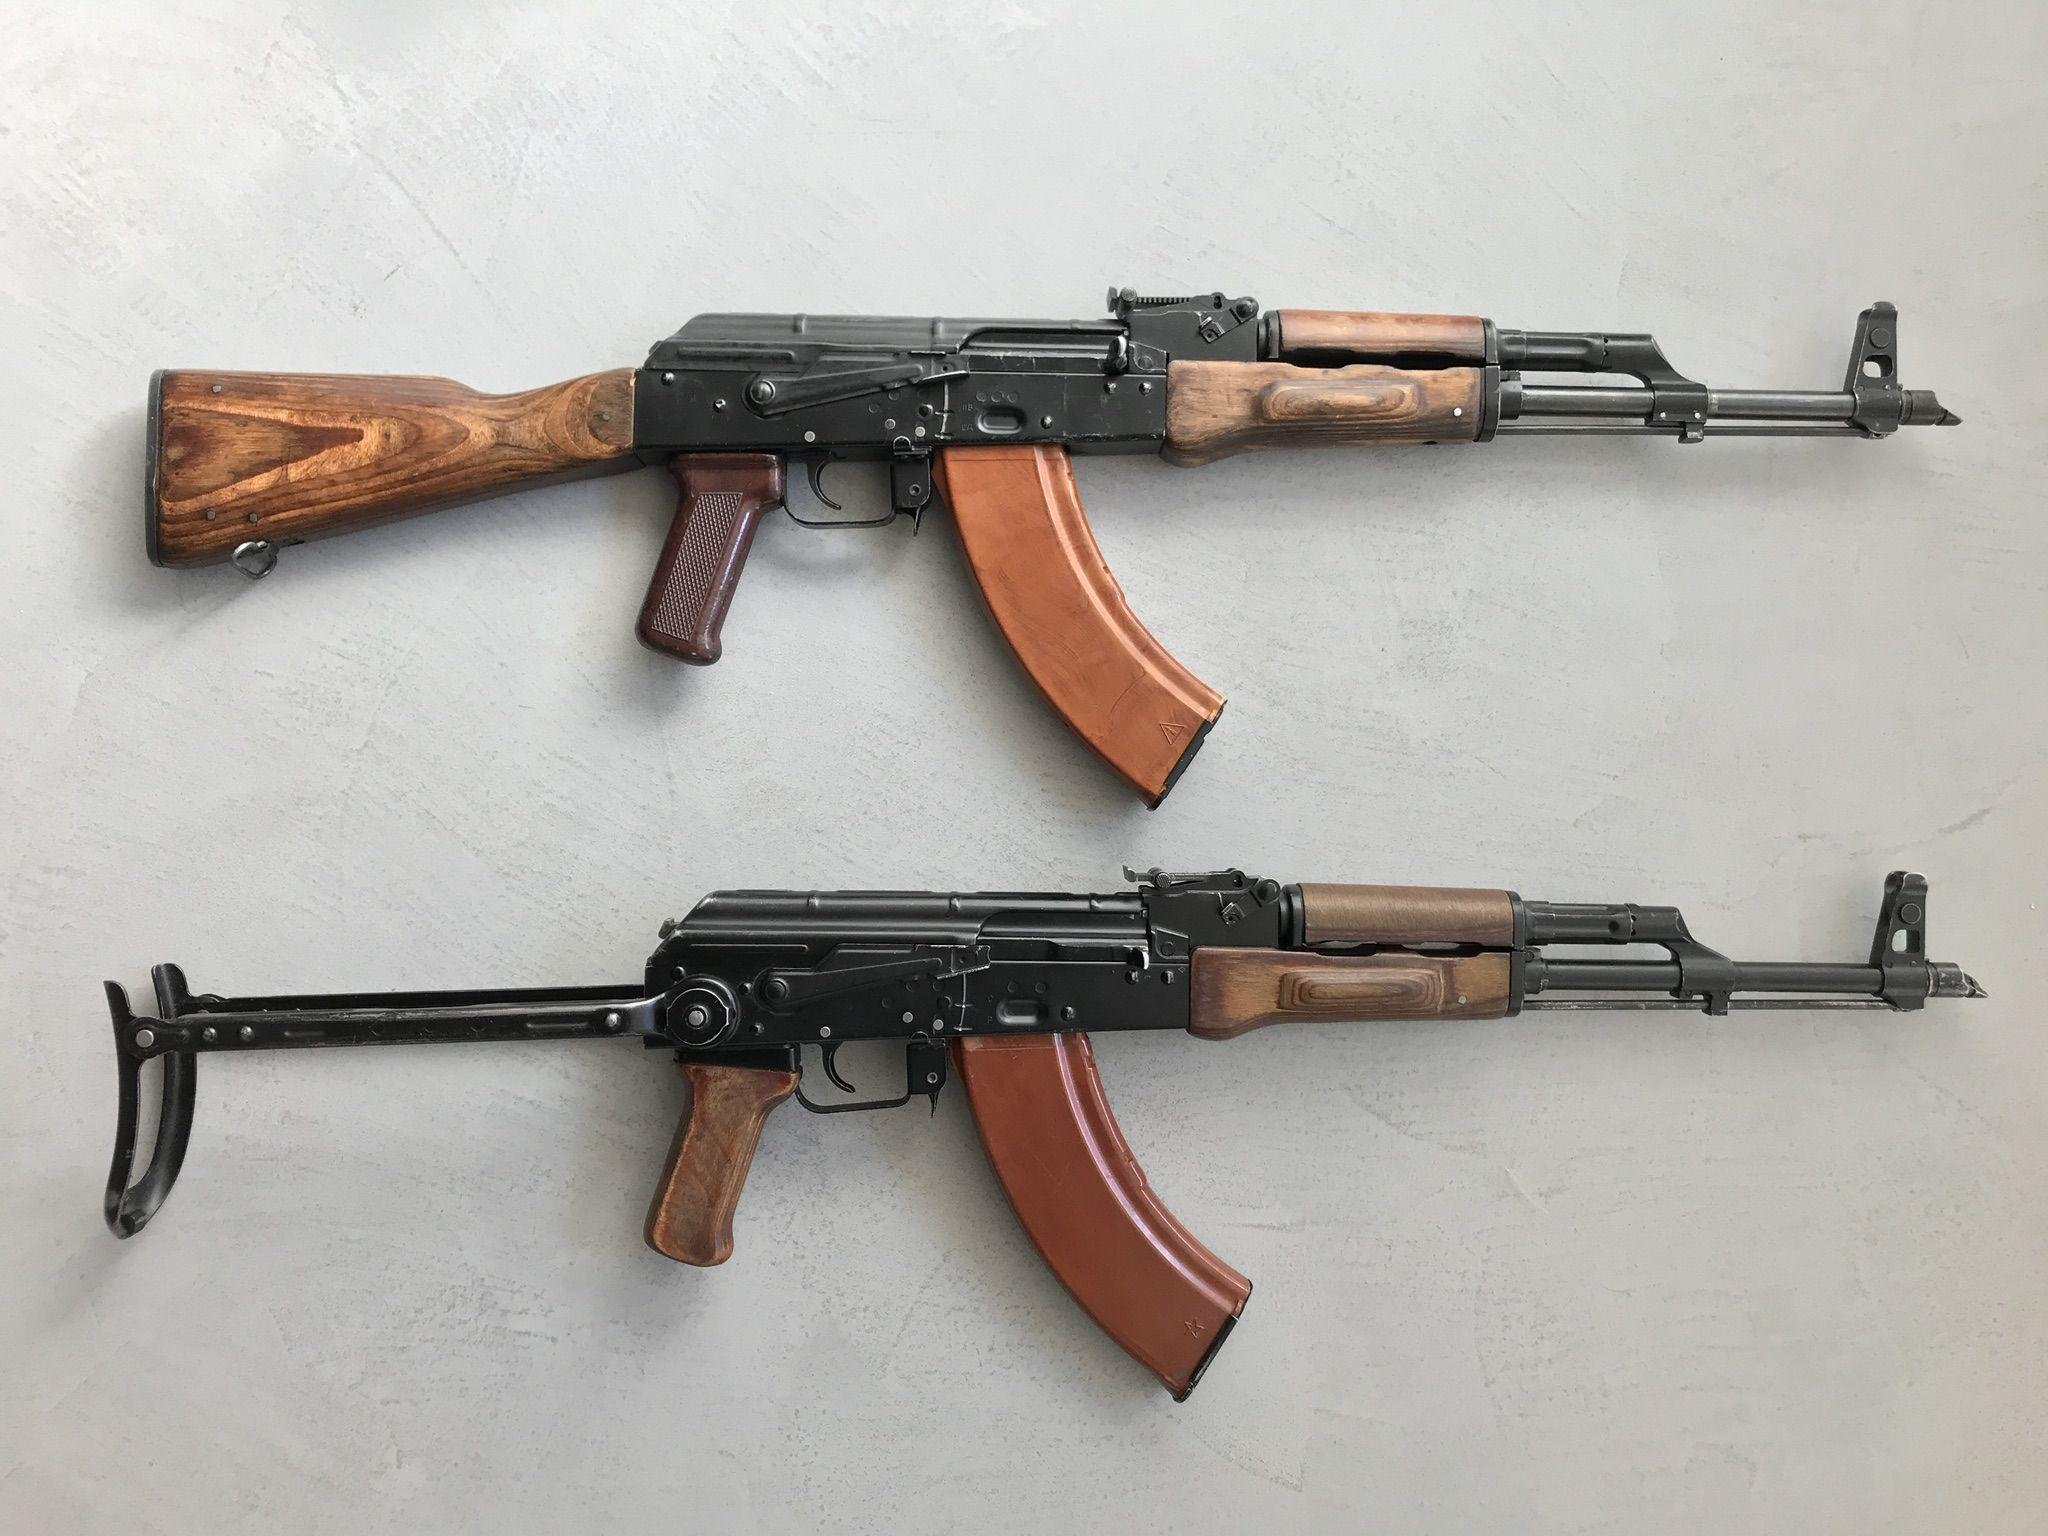 AKM & AKMS